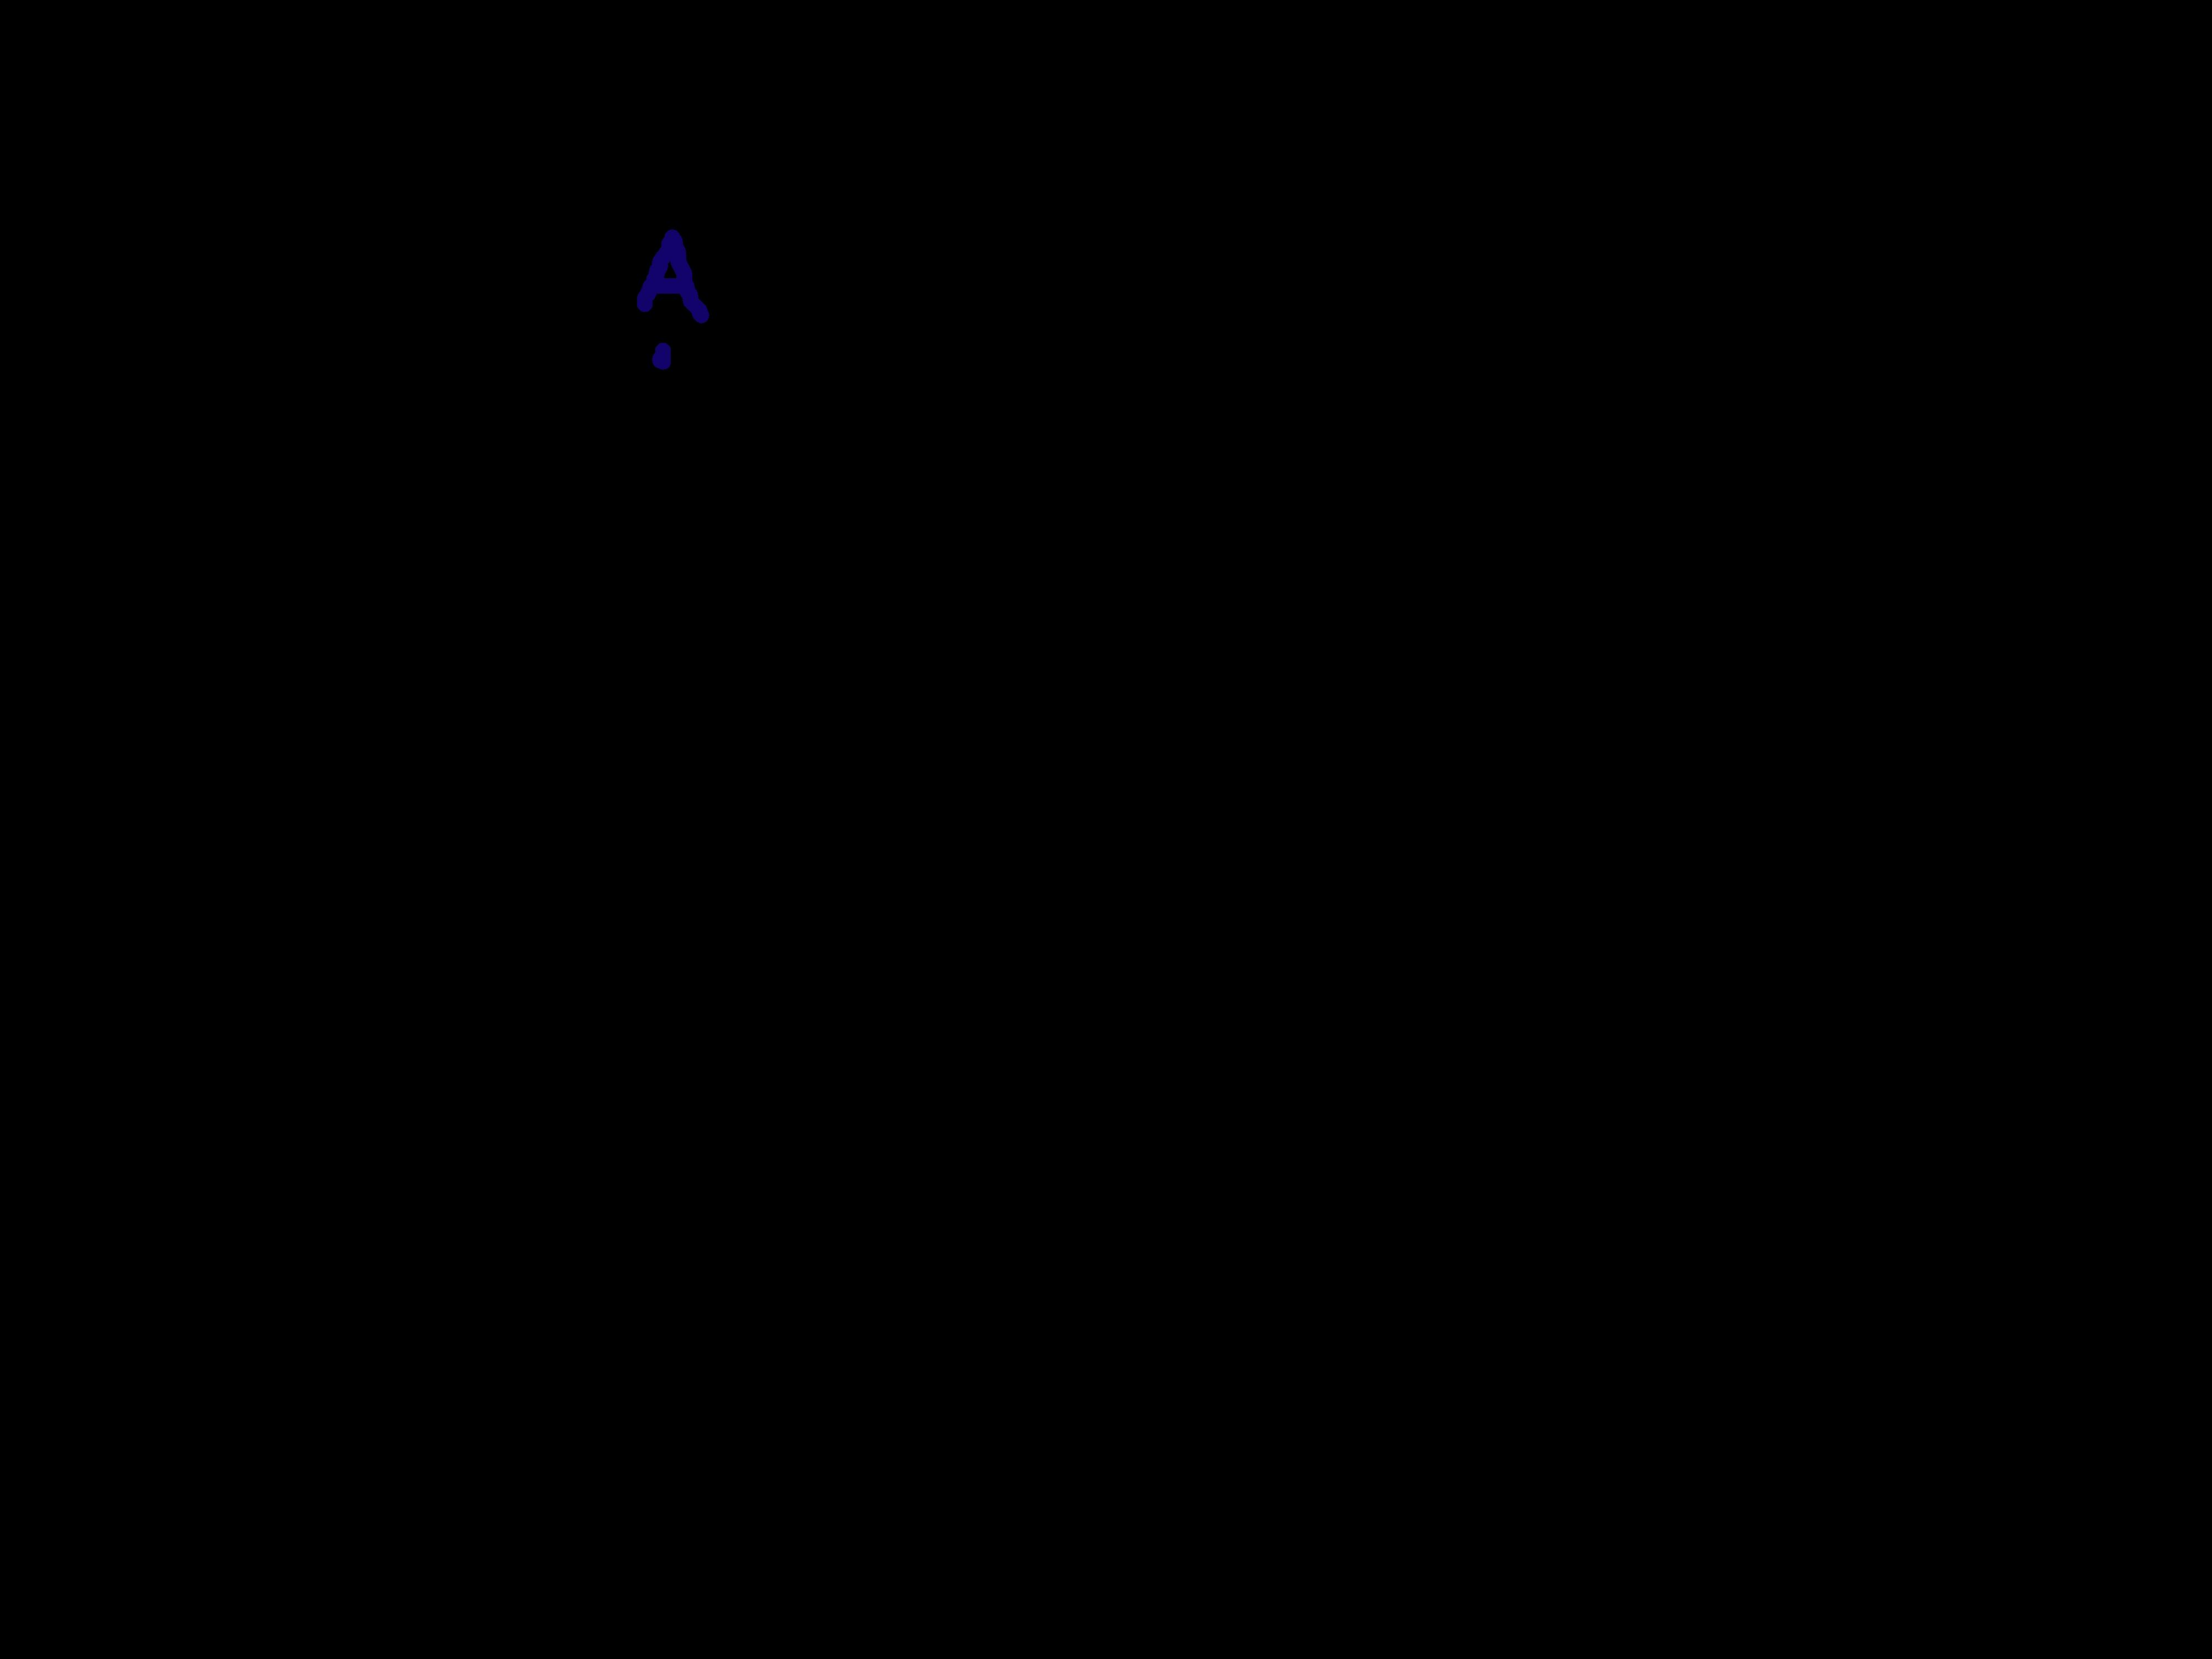 pv graf -- A